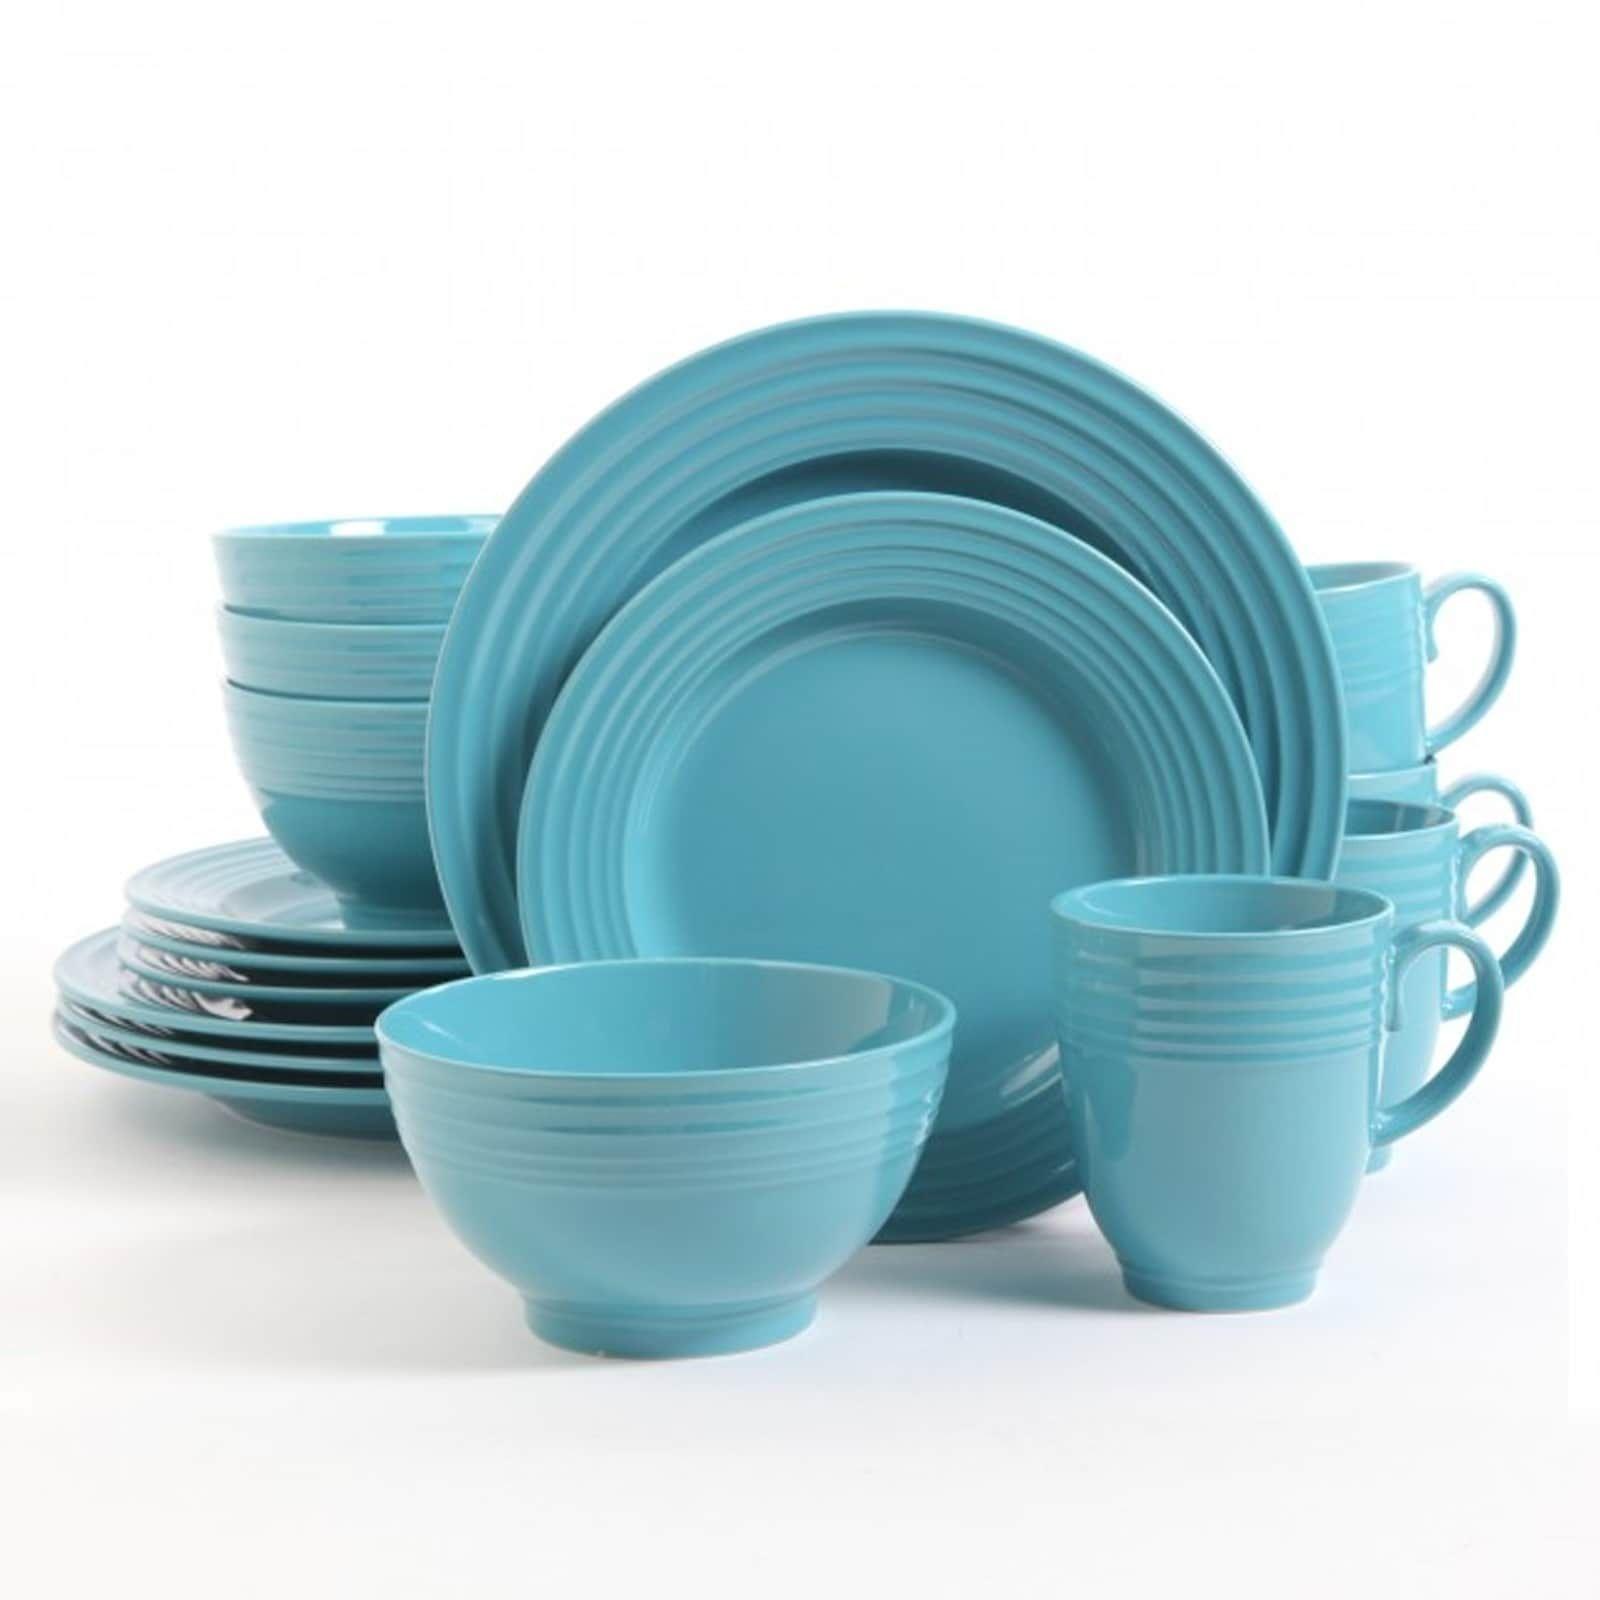 Gibson Stanza 16-Piece Stoneware Dinnerware Set Turquoise Blue  sc 1 st  Pinterest & Gibson Stanza 16-Piece Stoneware Dinnerware Set Turquoise Blue ...